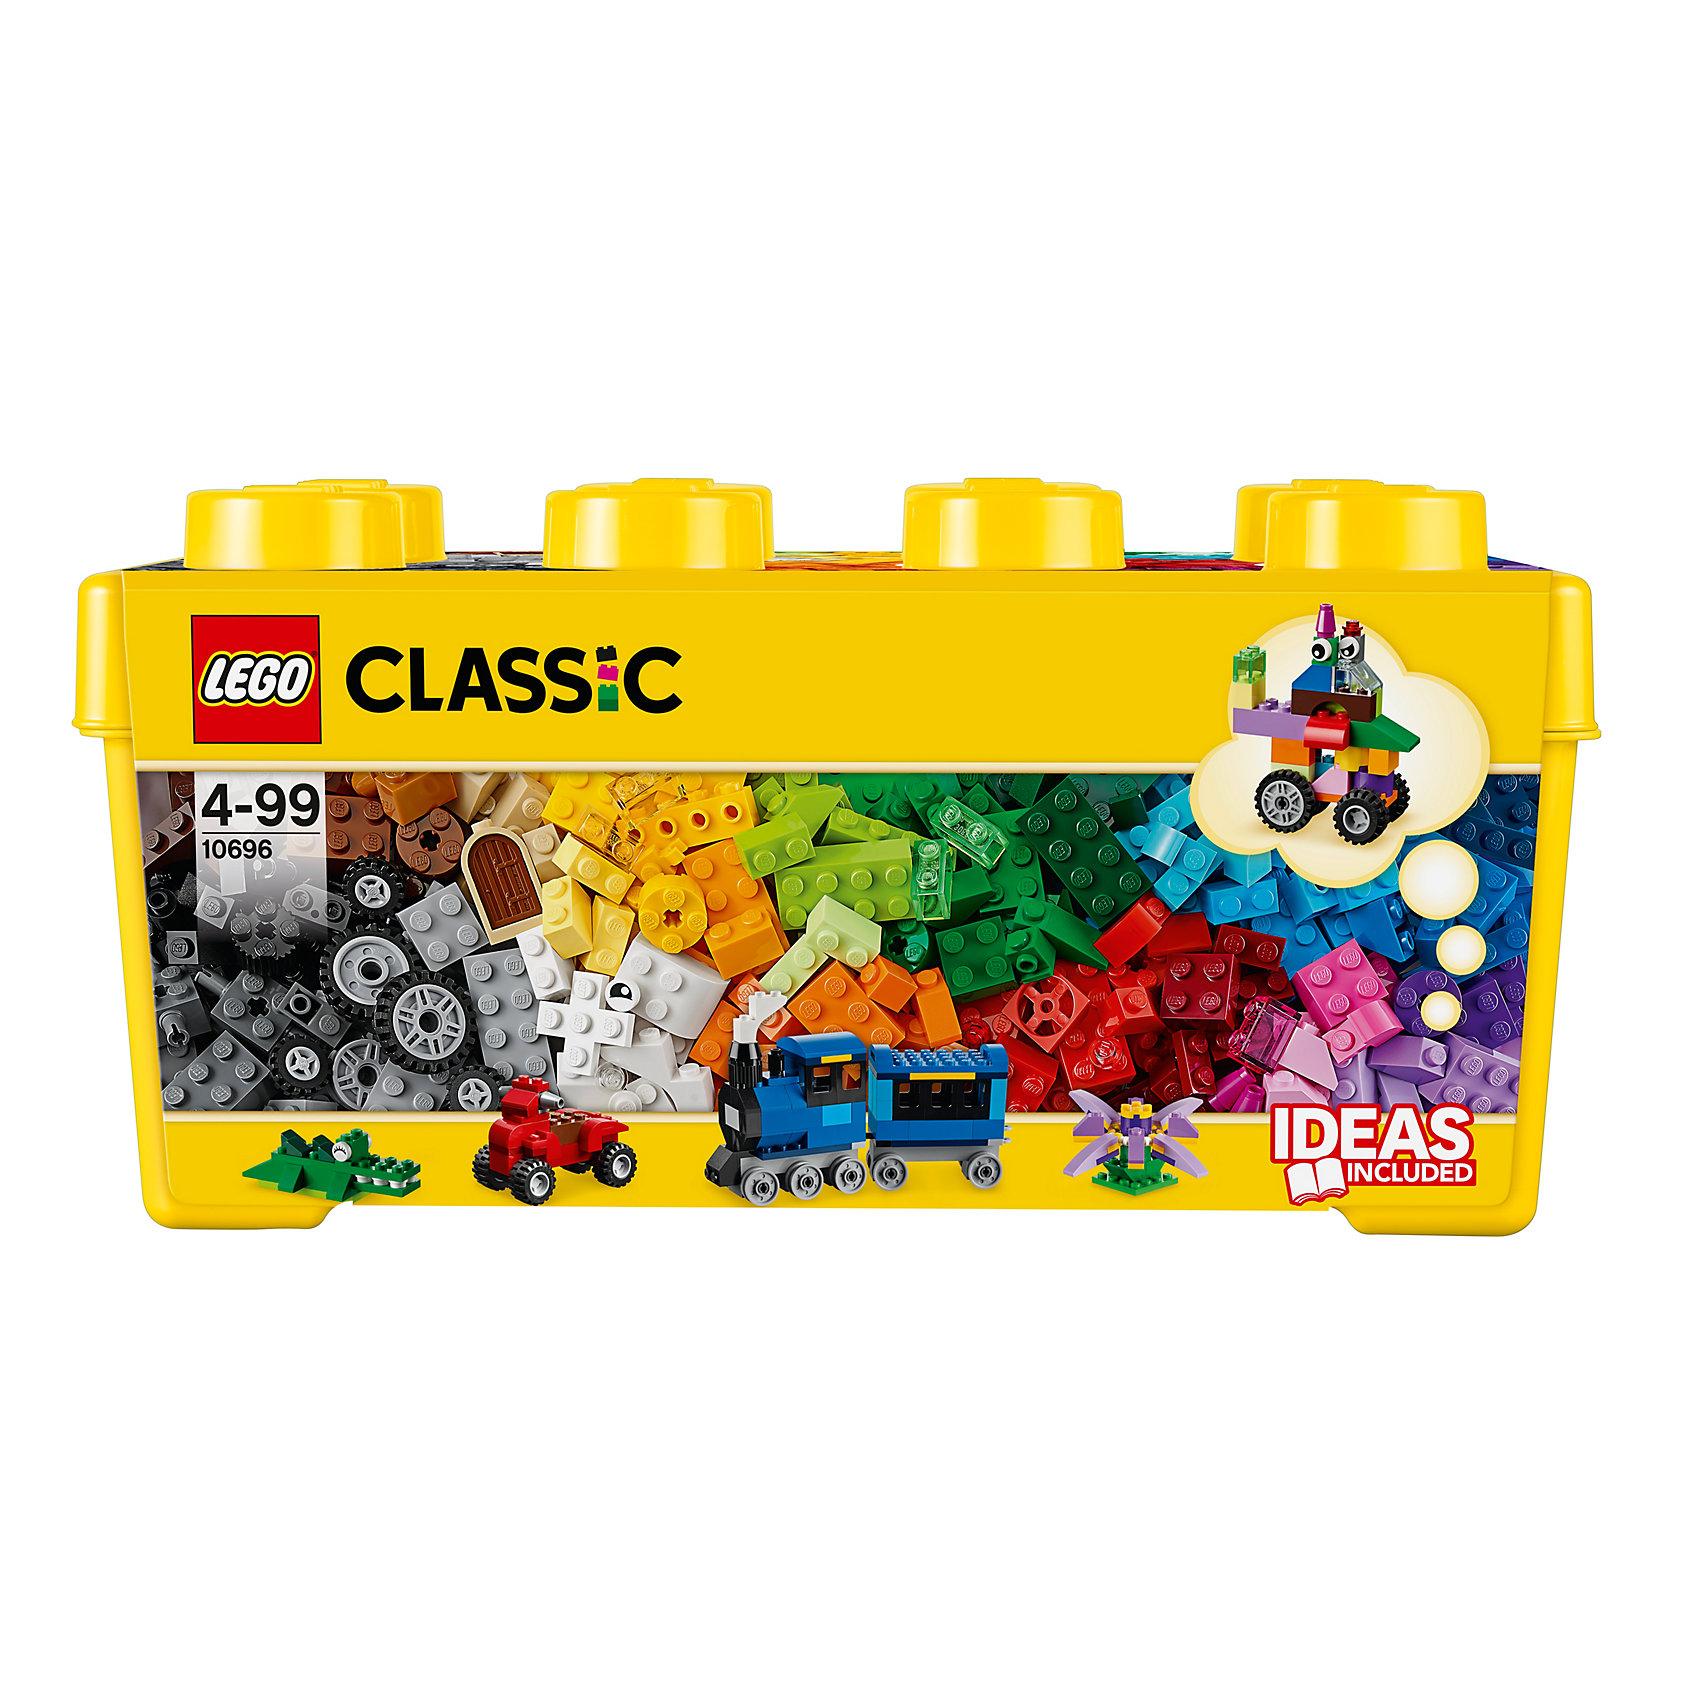 LEGO  10696: Набор для творчества среднего размераПластмассовые конструкторы<br>Тостер, поезд, привидение... Окунитесь с головой в этот набор кубиков LEGO и дайте волю своему воображению! Бесконечные возможности для сборки из классических кубиков 35 разных цветов и специальных деталей, включая двери, окна, колеса, глаза, пропеллеры и отделитель кубиков. Если вы не знаете, с чего начать, вам помогут инструкции с идеями дизайнеров, от которых можно оттолкнуться. <br><br>Наборы для творчества LEGO (ЛЕГО)  идеальны для начинающих строителей всех возрастов. Они также дополнят любую имеющуюся коллекцию LEGO. Набор упакован в удобную пластиковую коробку. <br><br>Дополнительная информация:<br><br>- Конструкторы ЛЕГО развивают усидчивость, внимание, фантазию и мелкую моторику. <br>- Комплектация: кубики, двери, окна, колеса, глаза, пропеллеры, отделитель кубиков.<br>- Количество деталей: 484 шт.<br>- Серия ЛЕГО (LEGO) Наборы для творчества.<br>- Материал: пластик.<br>- Размер упаковки: 37х18х18 см.<br>- Вес: 1,239 кг<br><br>LEGO  10696: Набор для творчества среднего размера можно купить в нашем магазине.<br><br>Ширина мм: 365<br>Глубина мм: 185<br>Высота мм: 177<br>Вес г: 1025<br>Возраст от месяцев: 48<br>Возраст до месяцев: 144<br>Пол: Унисекс<br>Возраст: Детский<br>SKU: 3786106